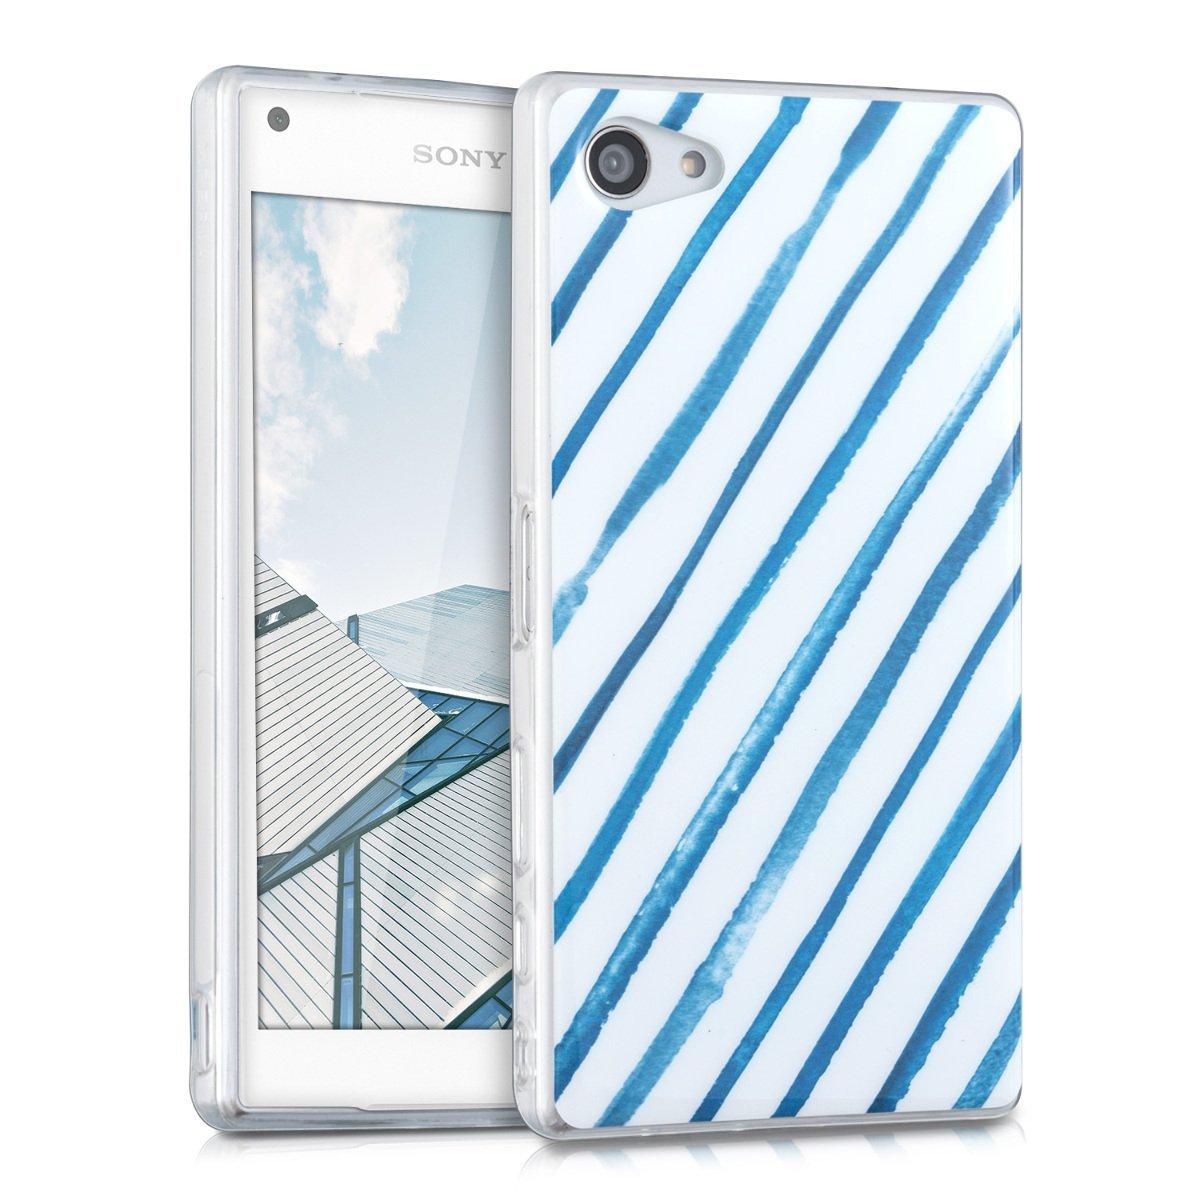 KW Θήκη Σιλικόνης Sony Xperia Z5 Compact (39098.01) - Watercolour Stripes